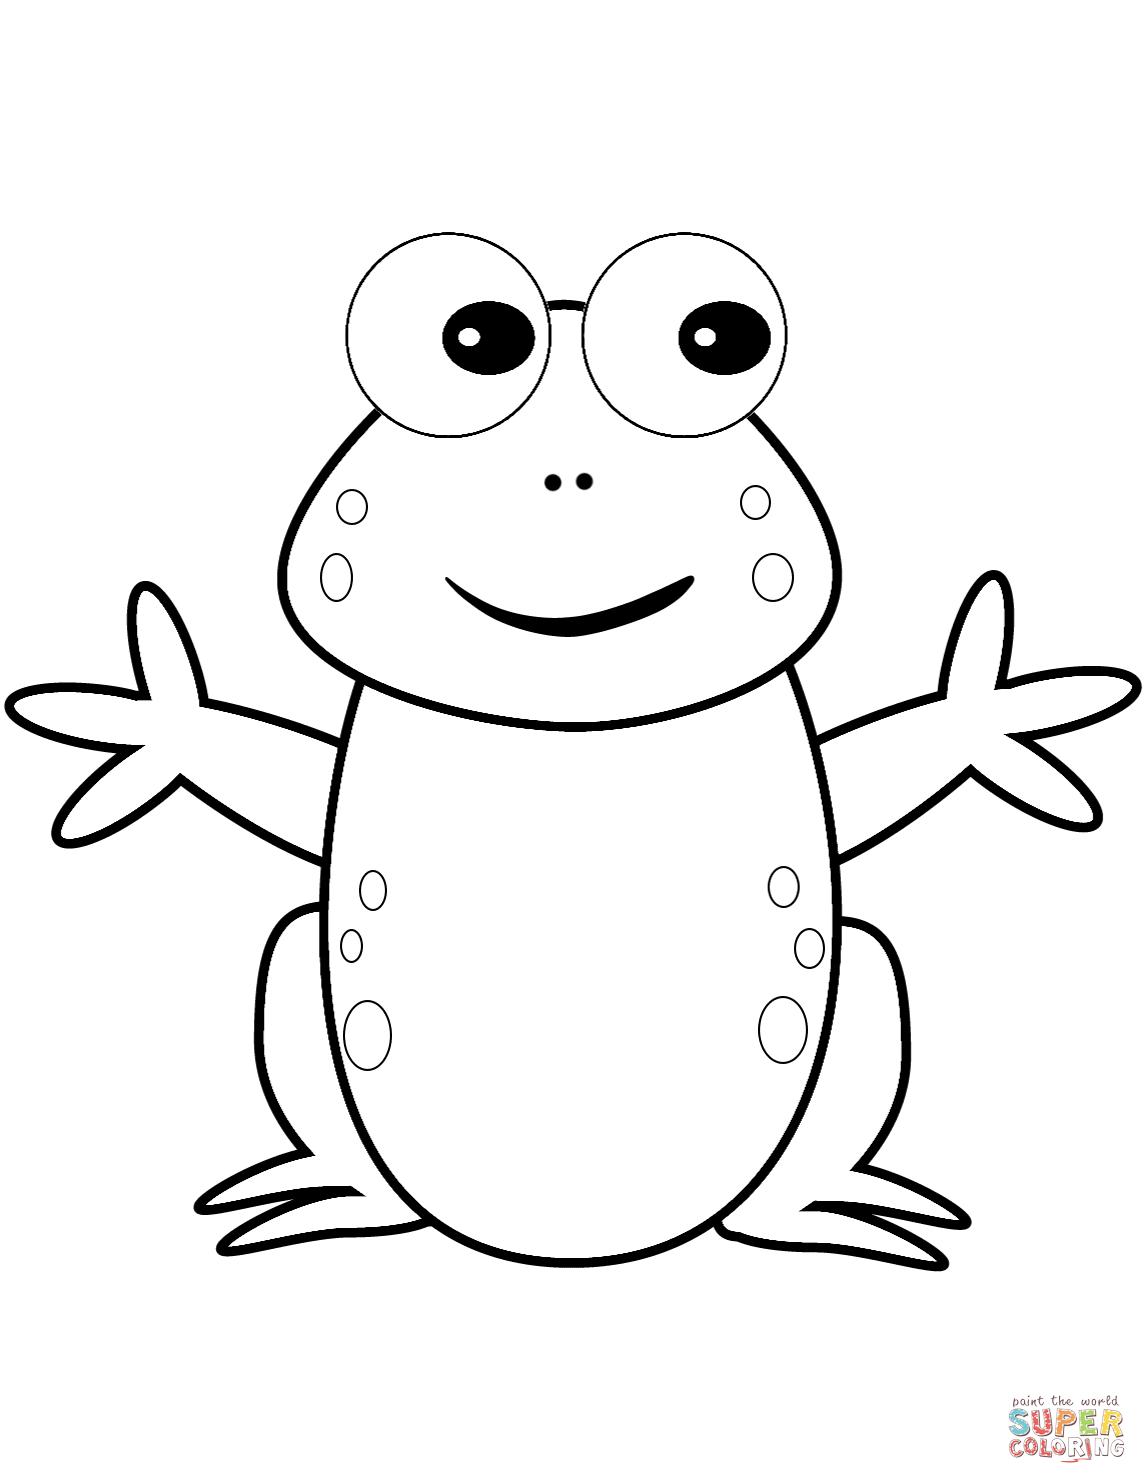 Happy Cartoon Frog Coloring Page